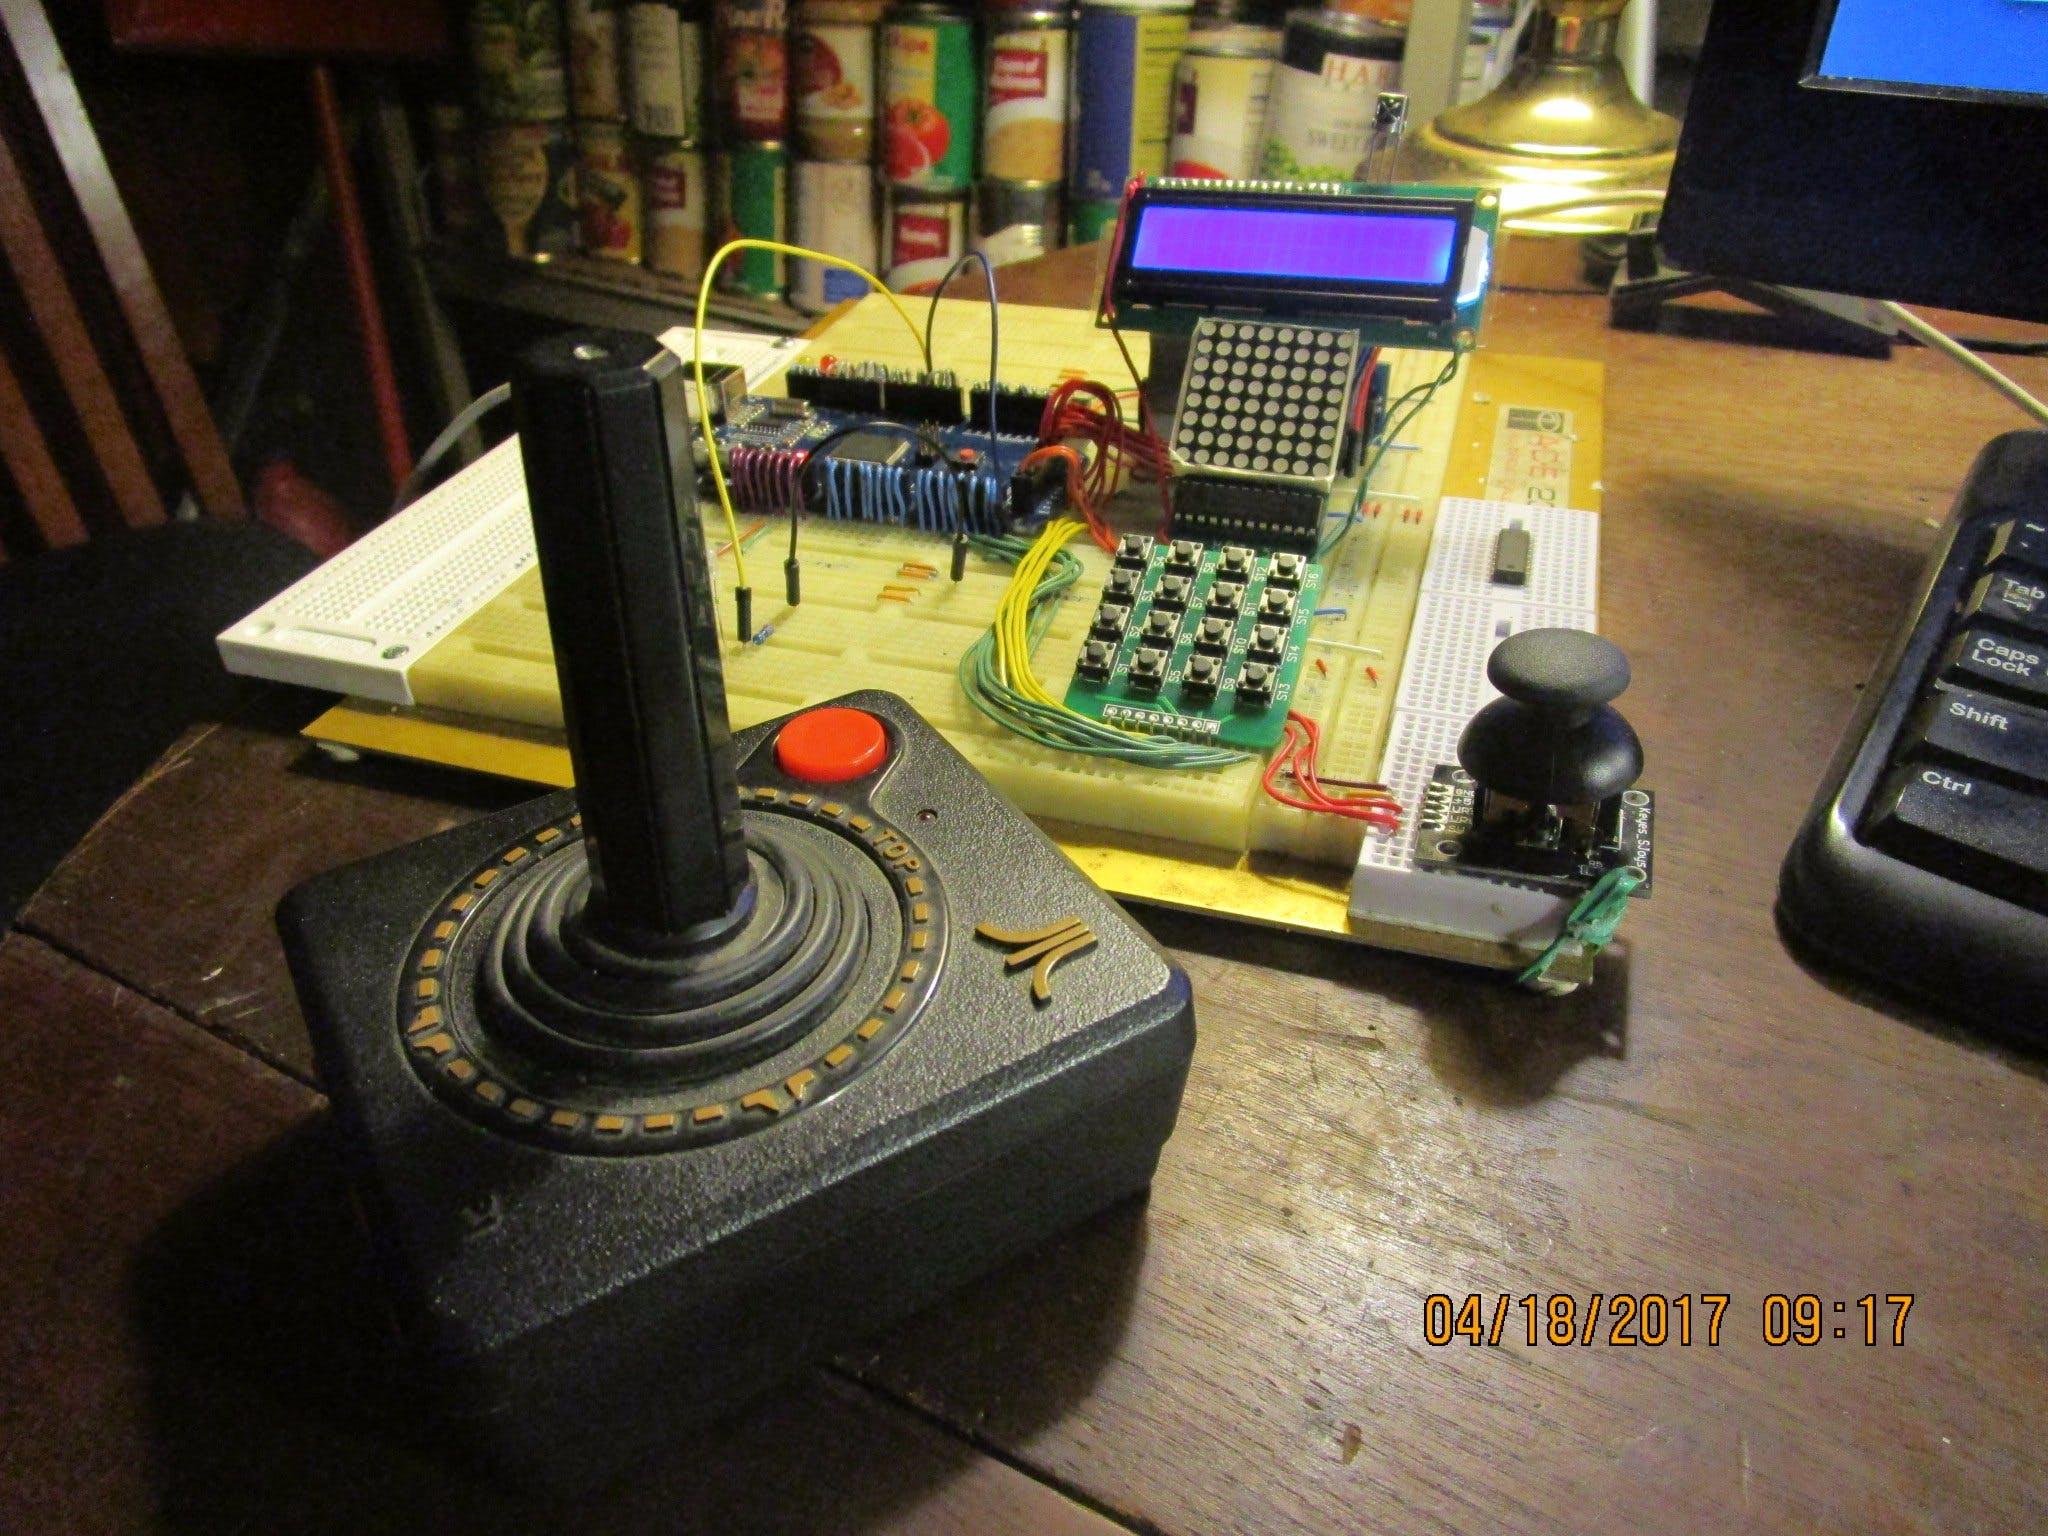 MEGA BREAD - Atari Joystick Linking for Robotics Control